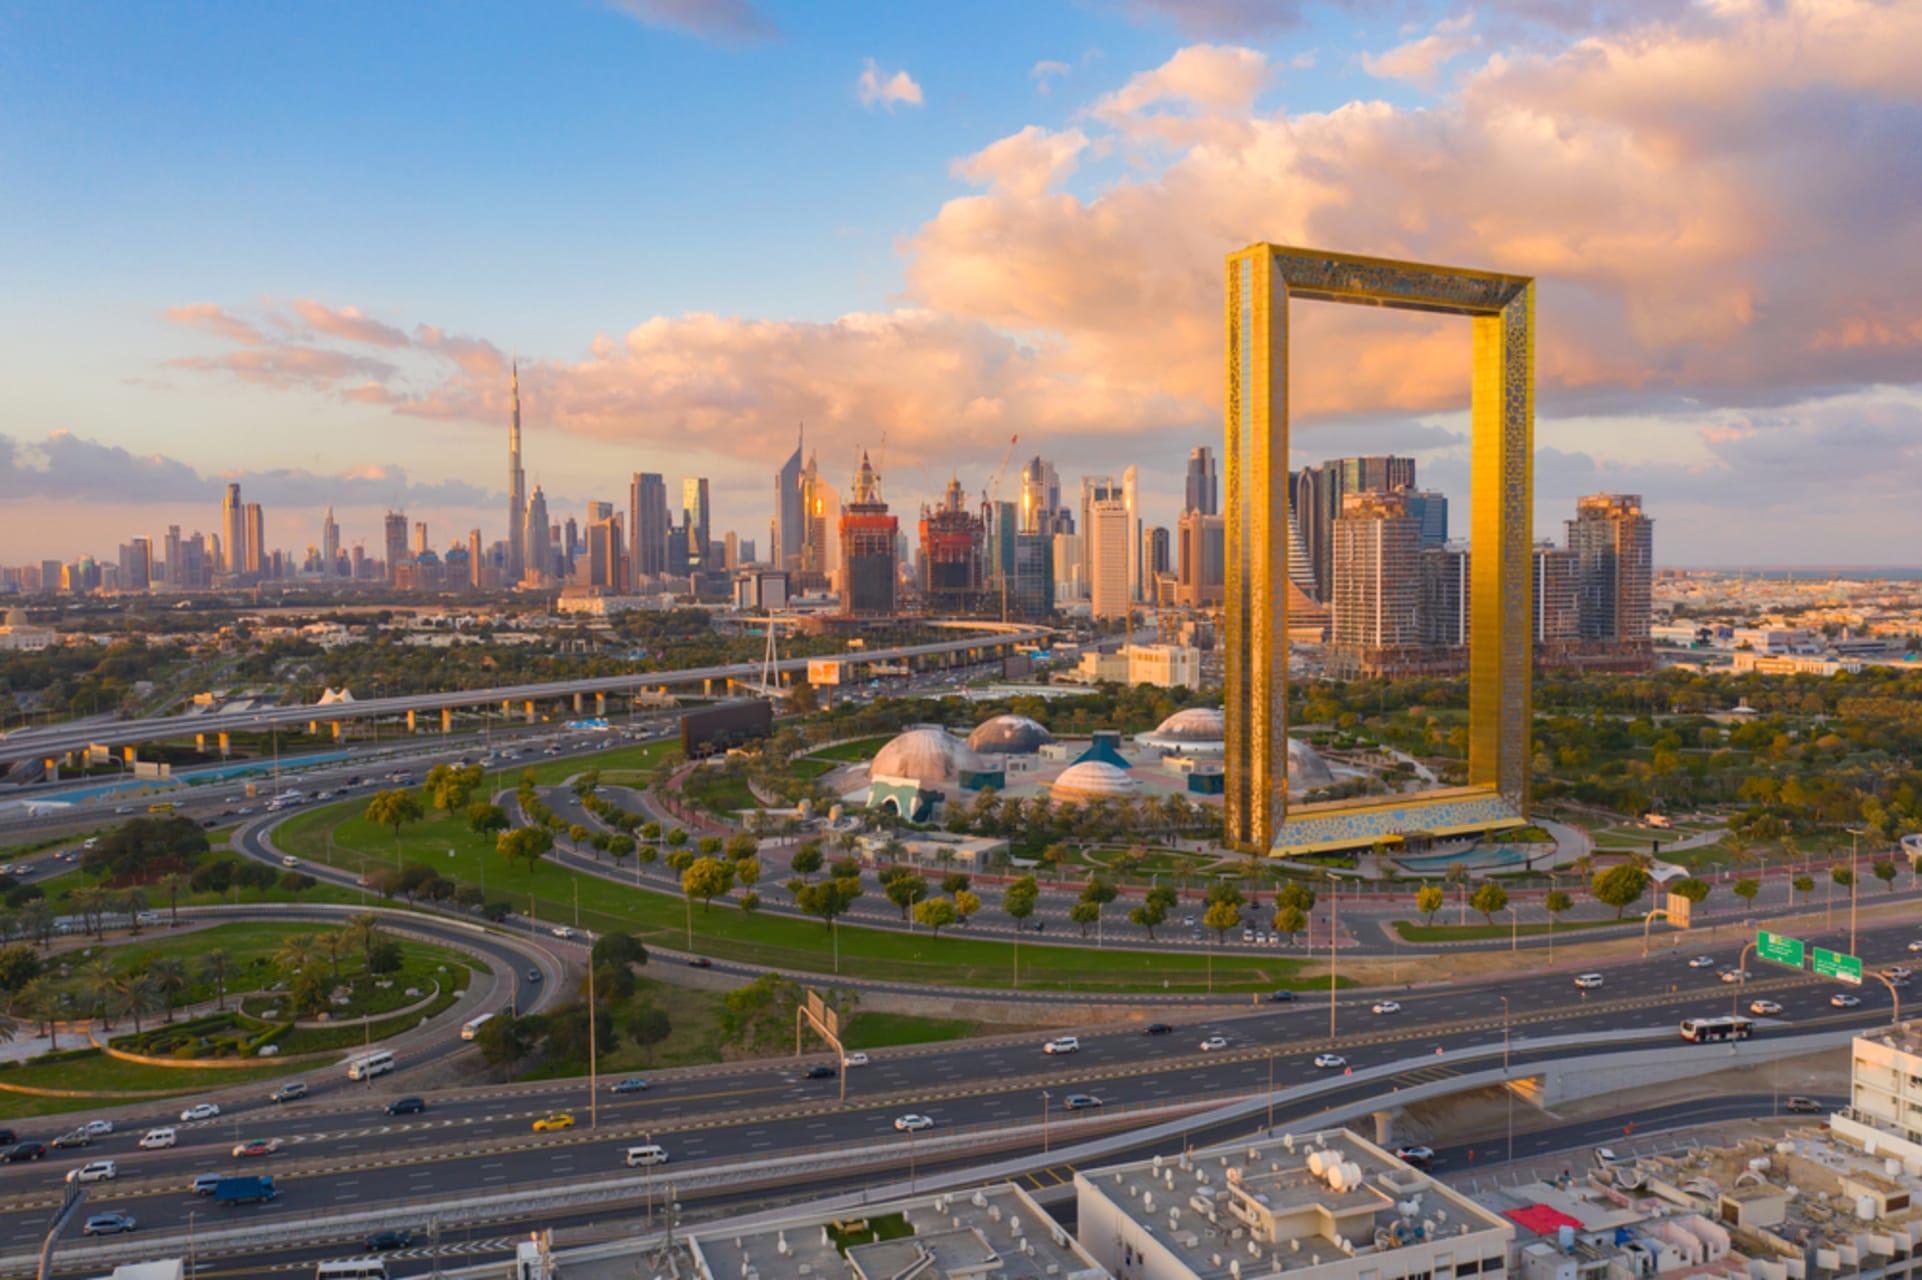 Dubai - The Dubai Frame